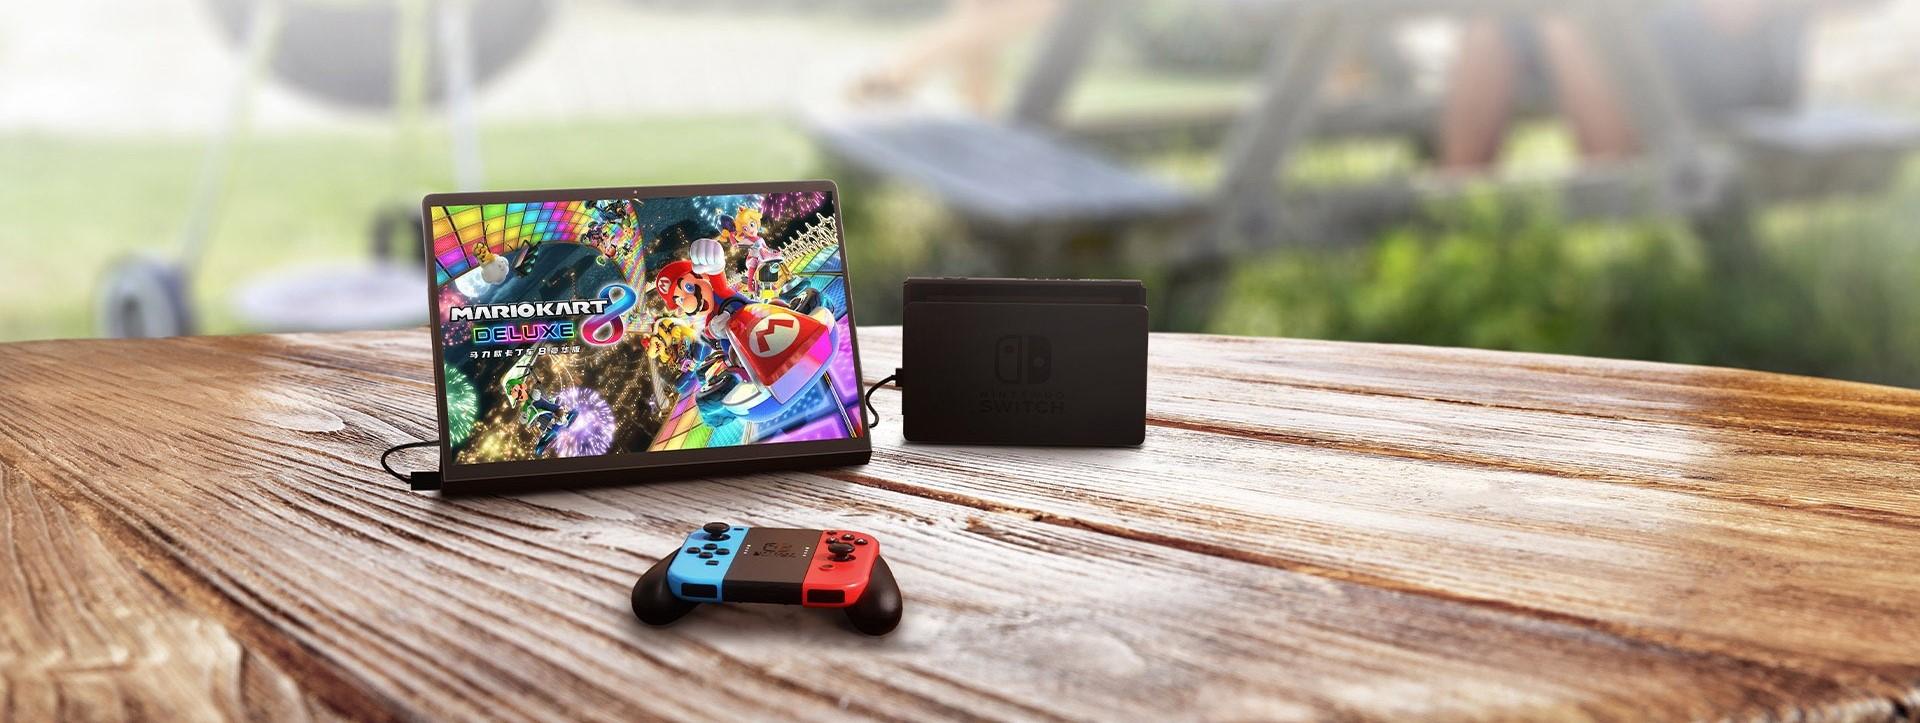 Mamy już gamingowe smartfony, teraz czas na gamingowe tablety!